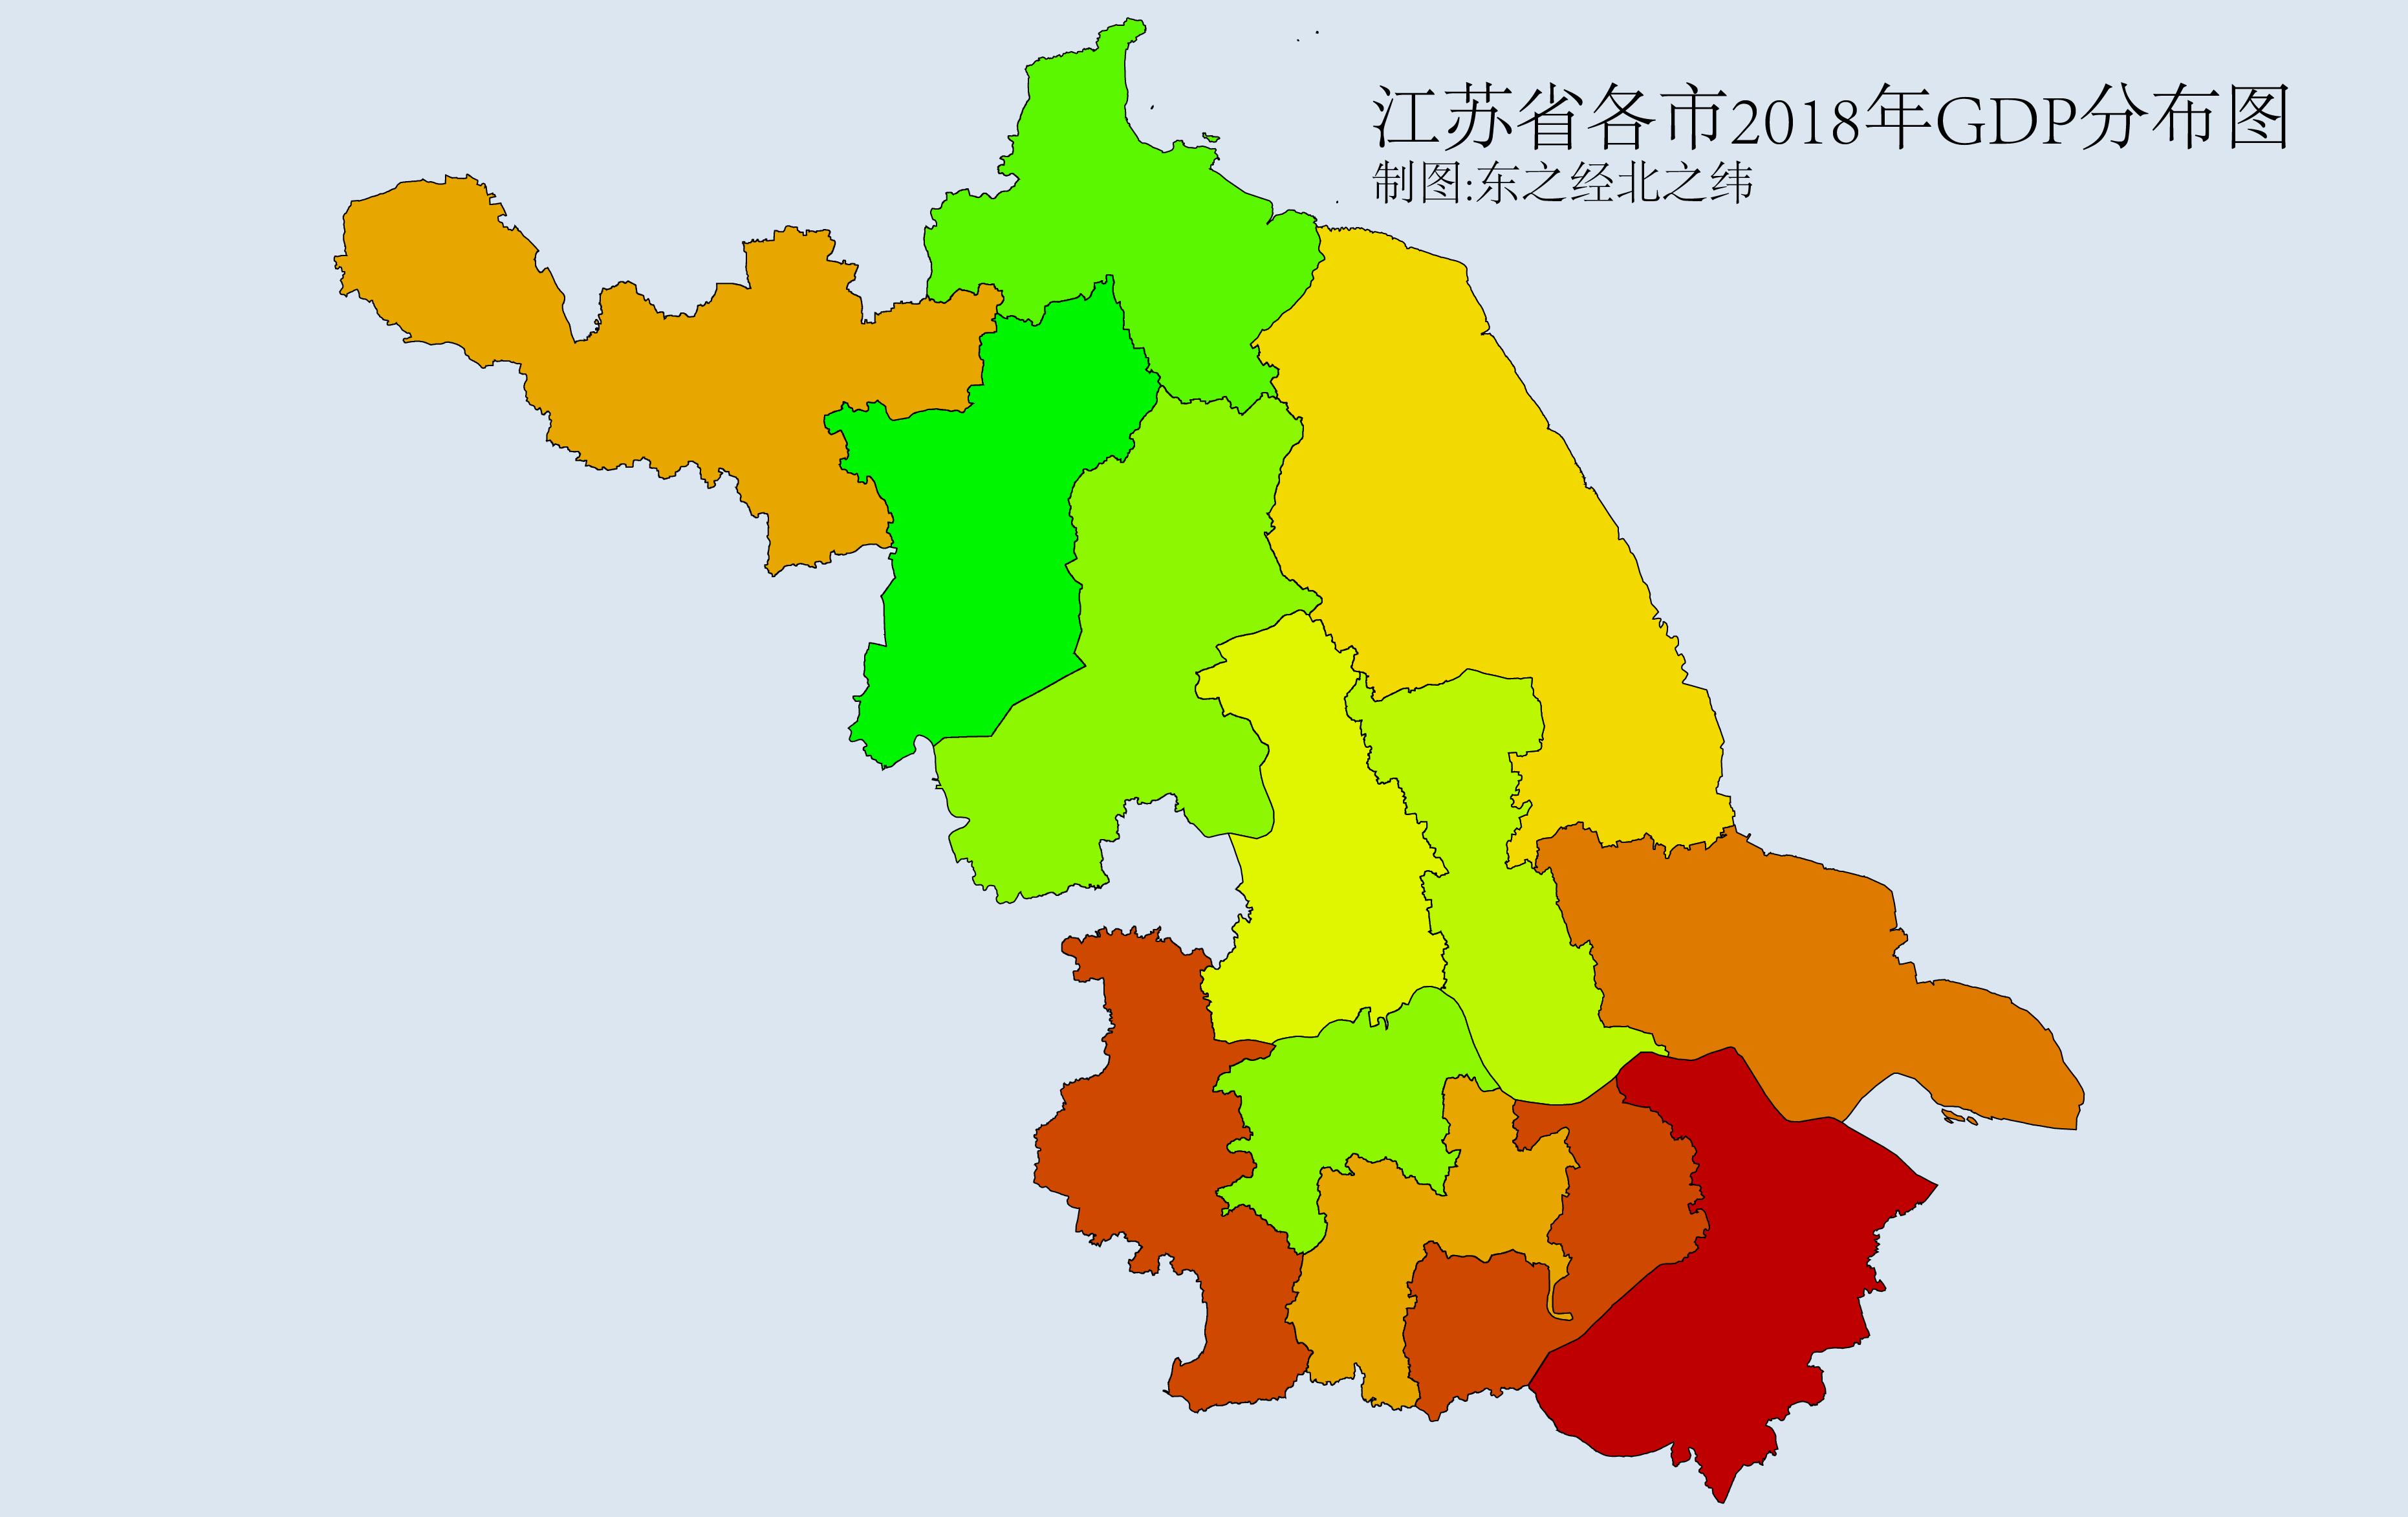 无锡各县gdp_无锡地铁